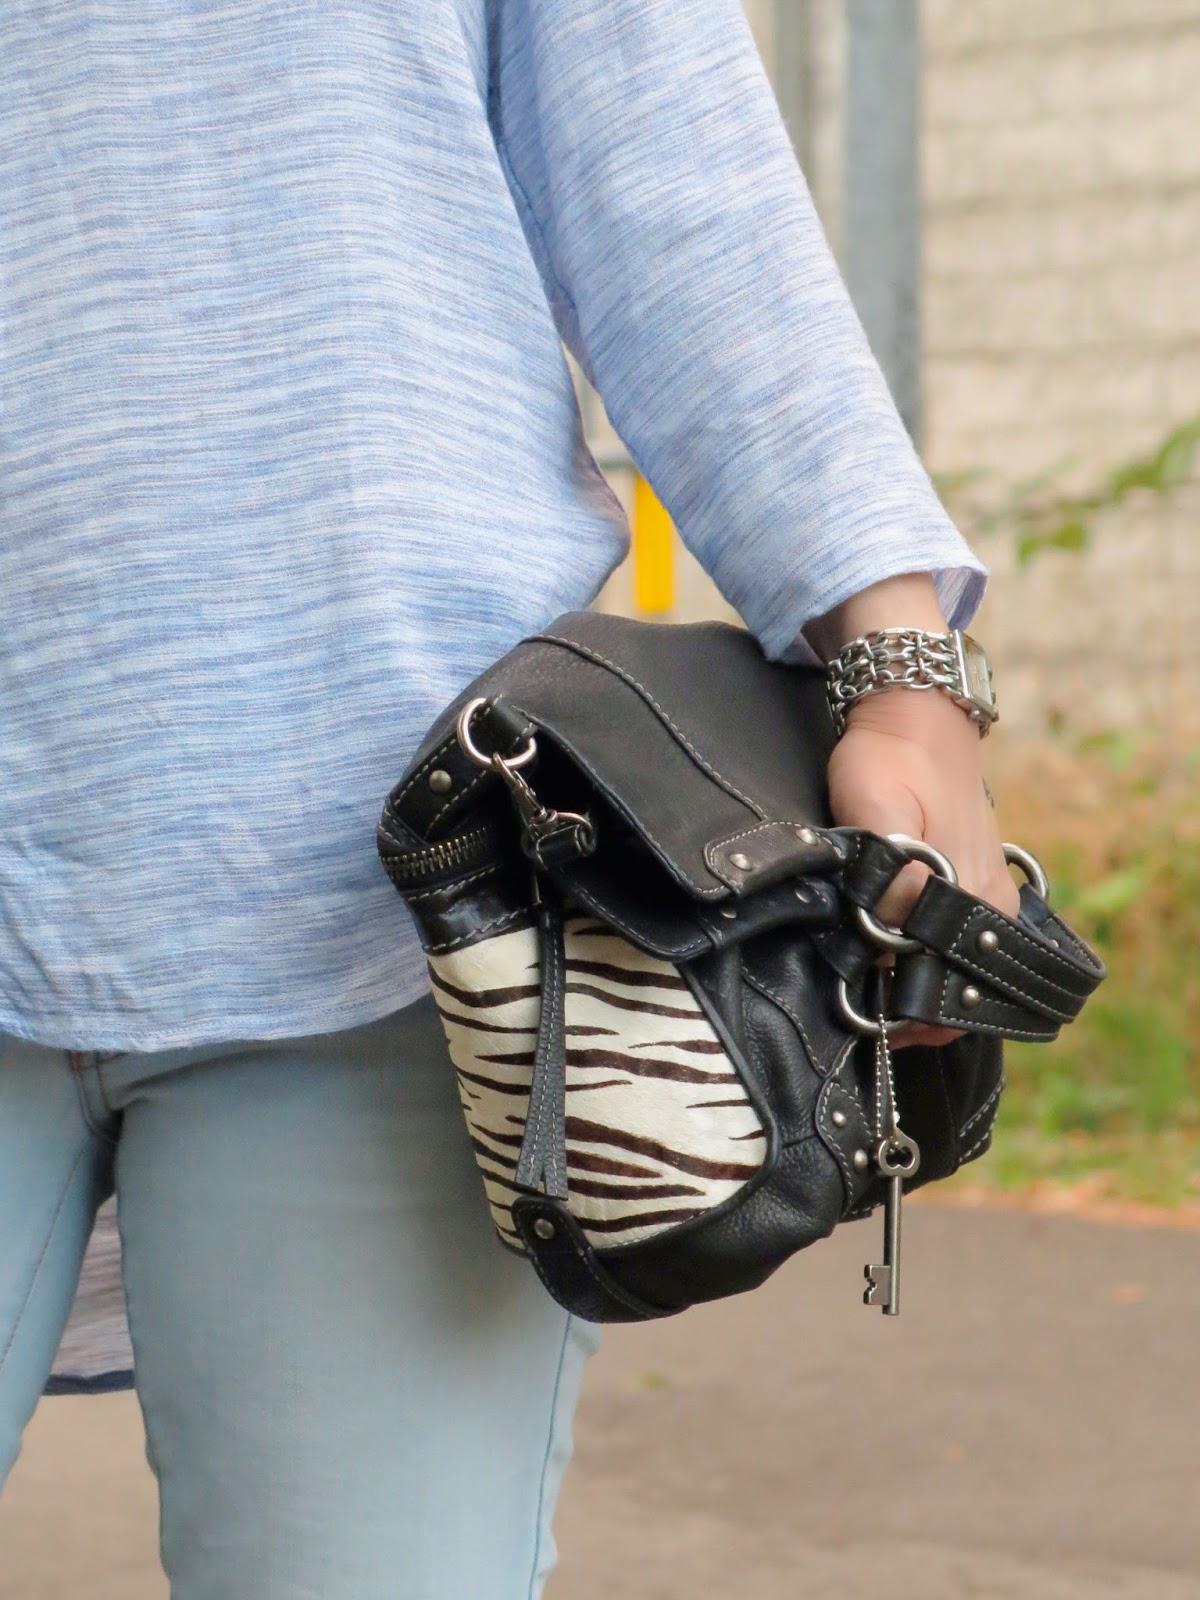 light-wash skinny jeans, snake-print pumps, and zebra-striped bag